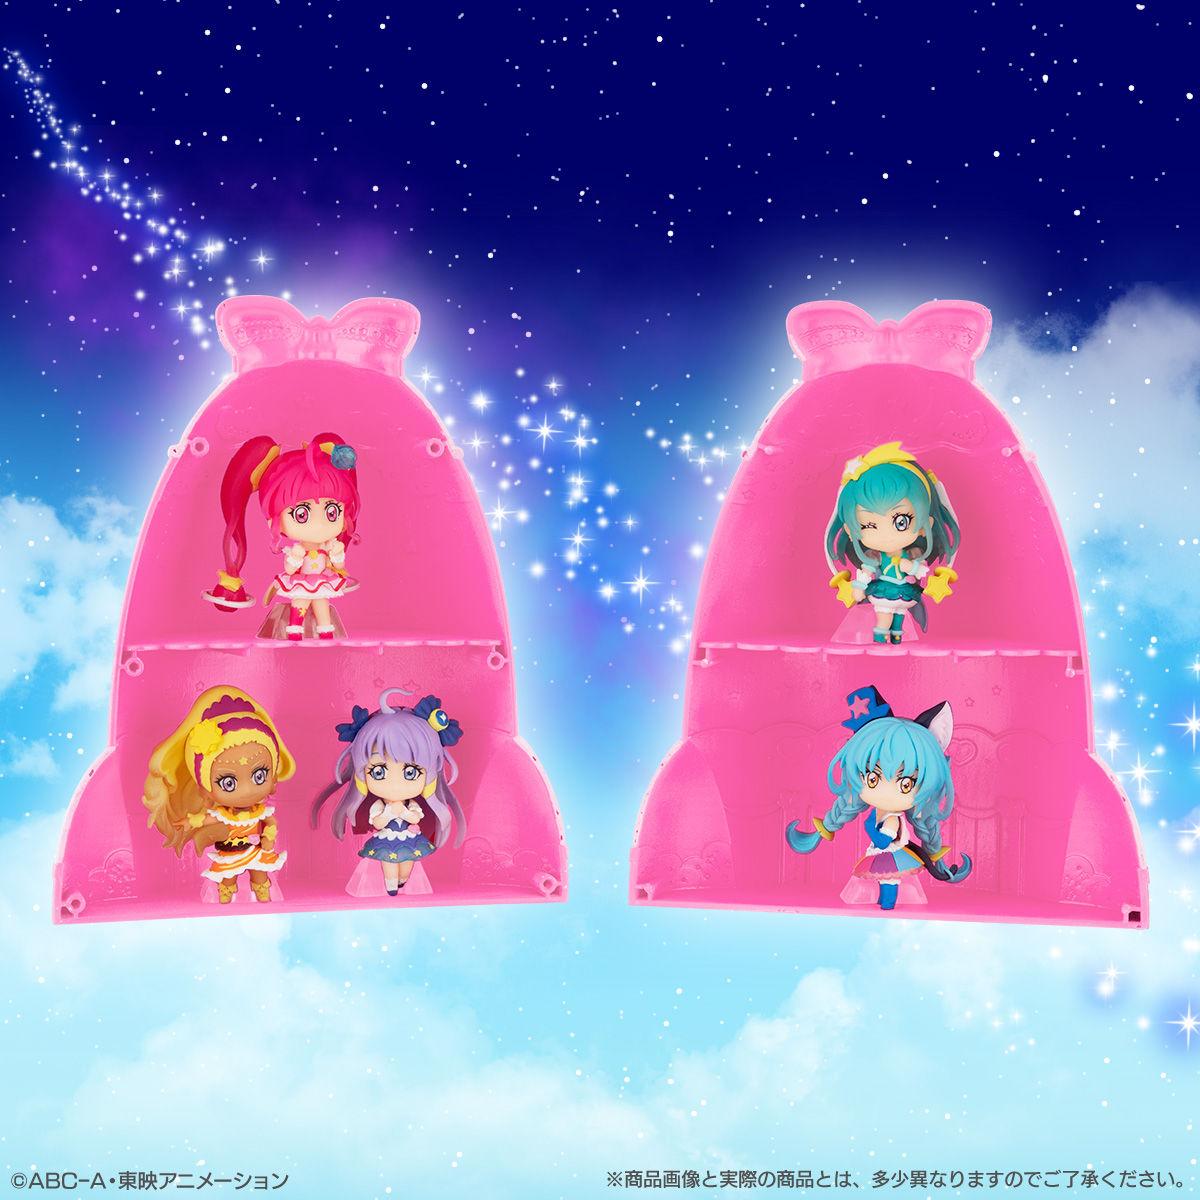 【限定販売】スター☆トゥインクルプリキュア『メモリアルマスコット』フィギュア セット-007